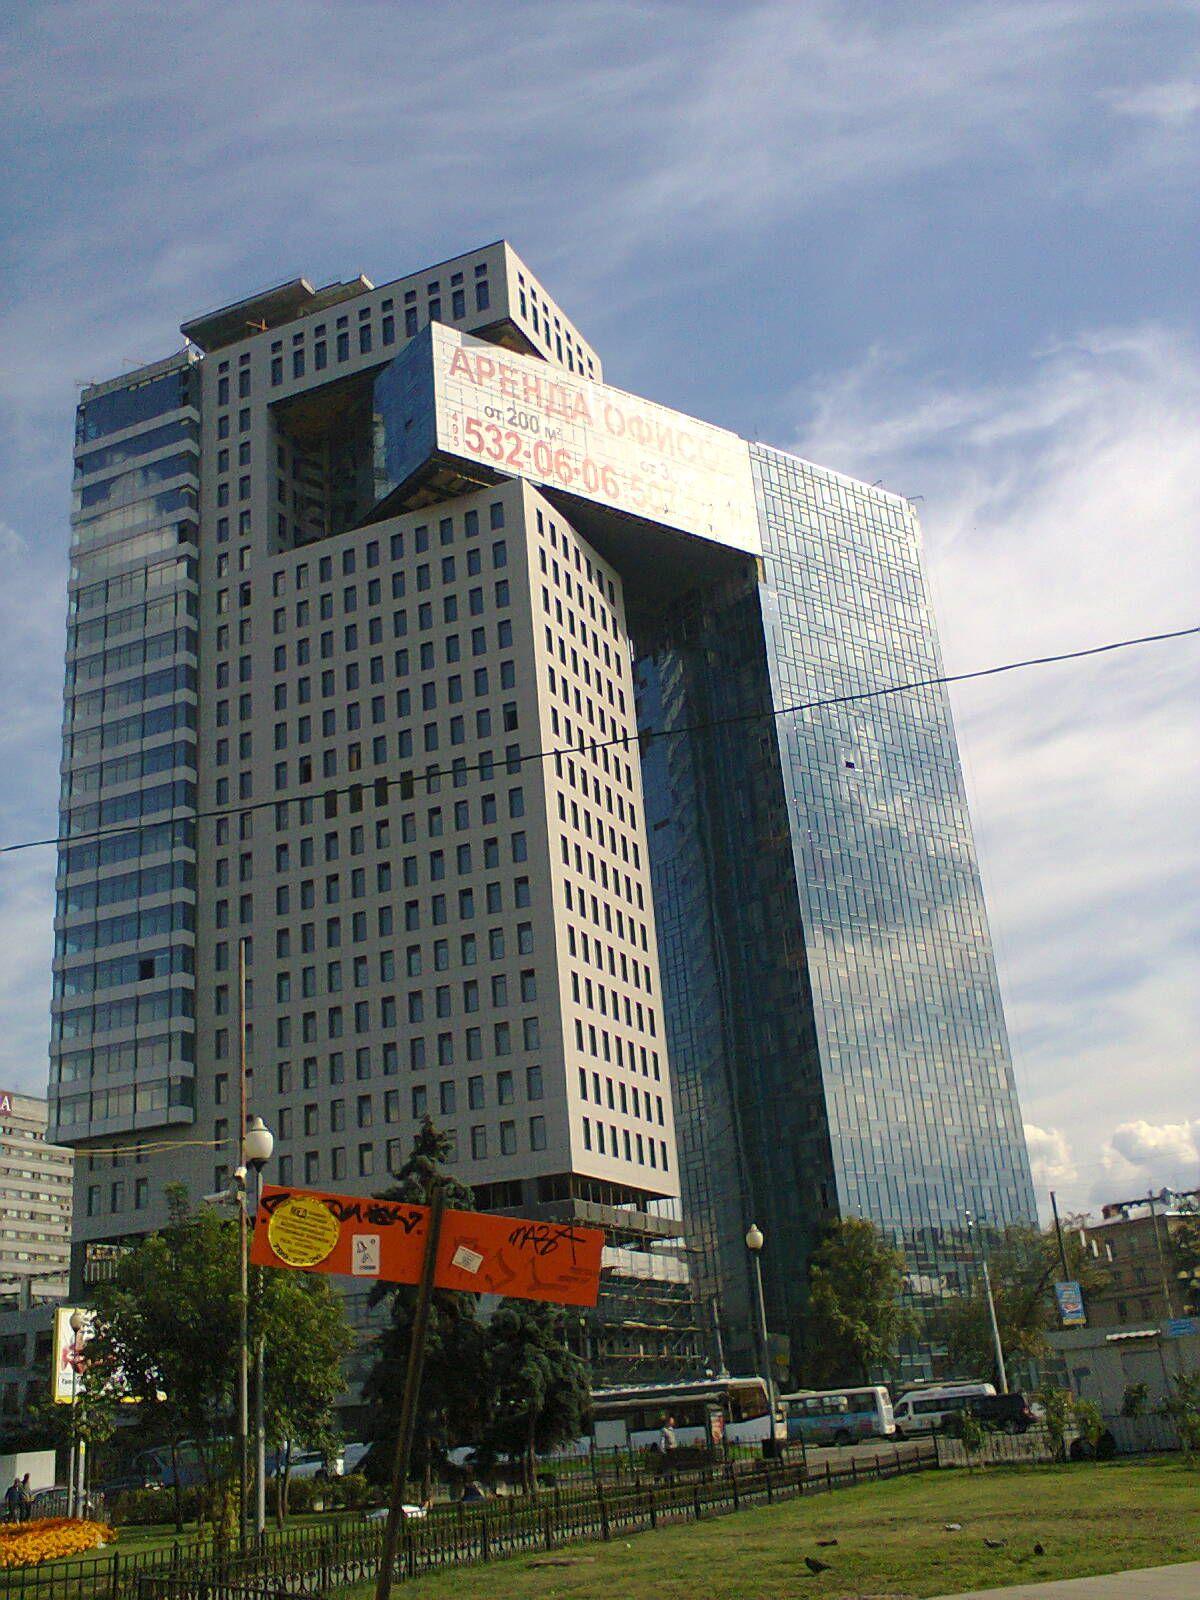 Здание возле станции электрички серп и молот не доезжая до Курского вокзала в Москве.jpg